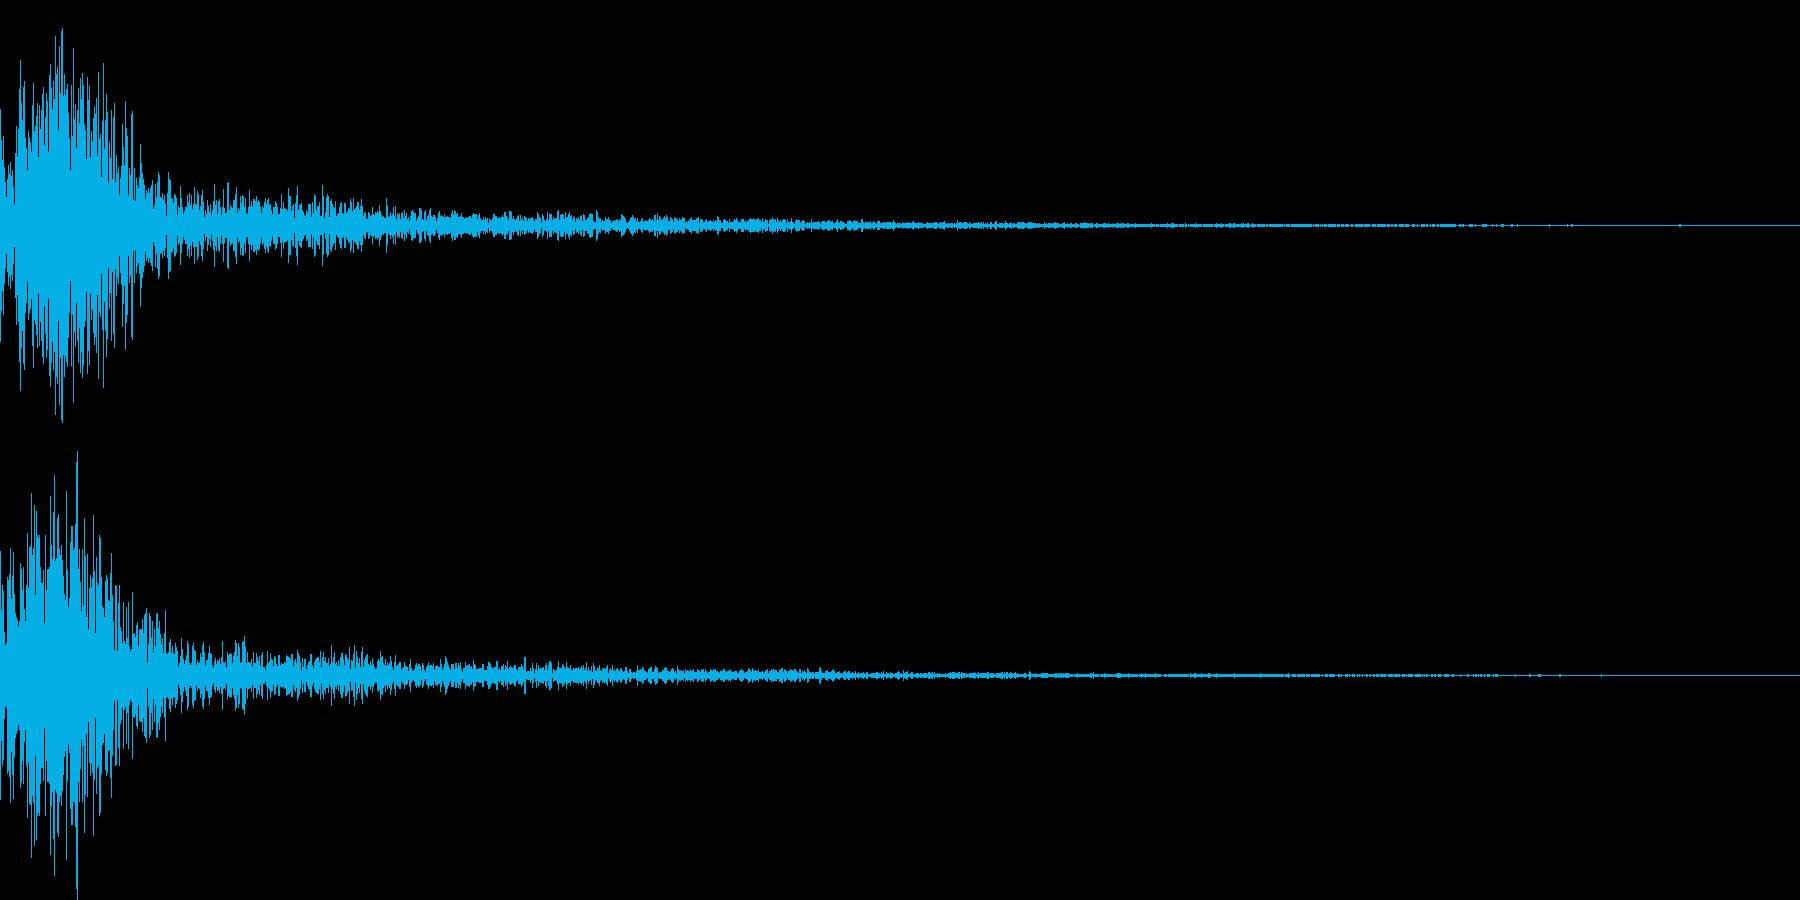 ドン!小太鼓の和風演出 効果音 01の再生済みの波形